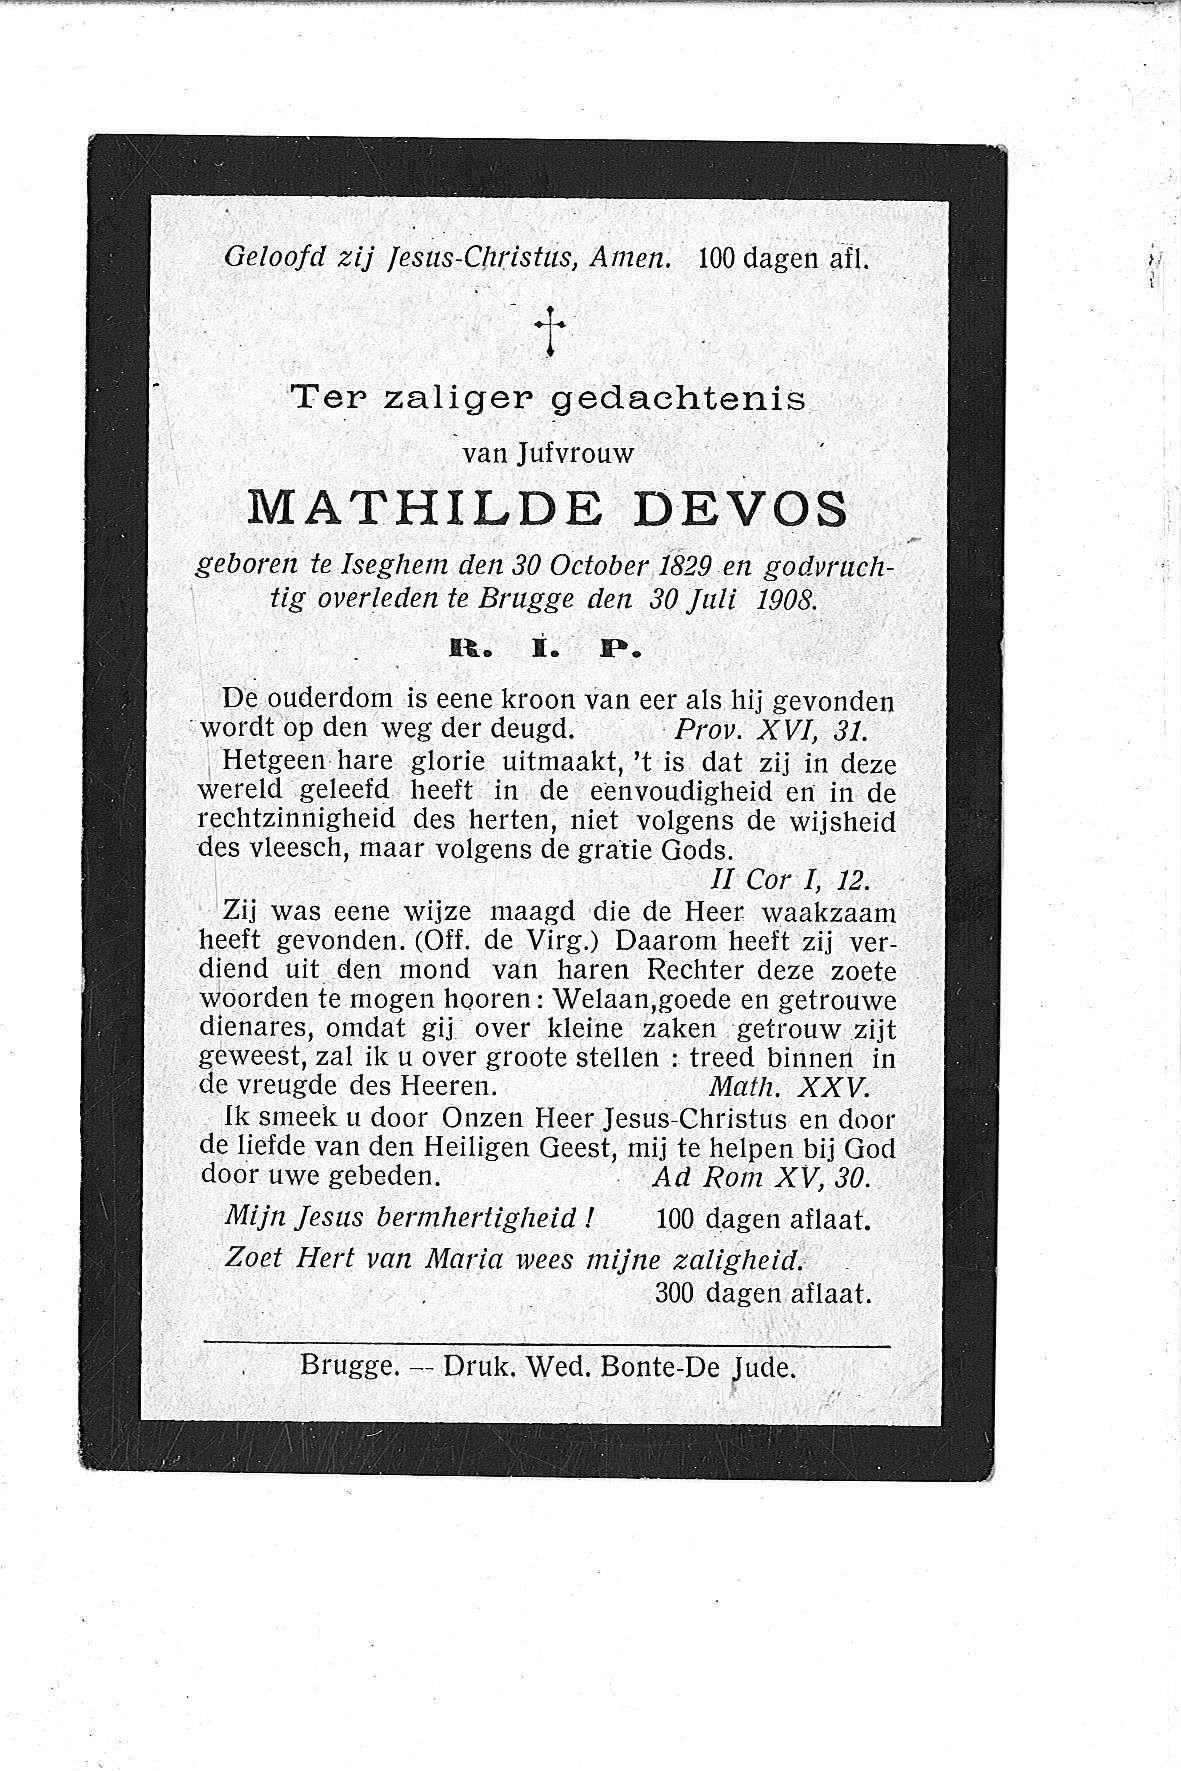 Mathilde (1908) 20120306142406_00209.jpg